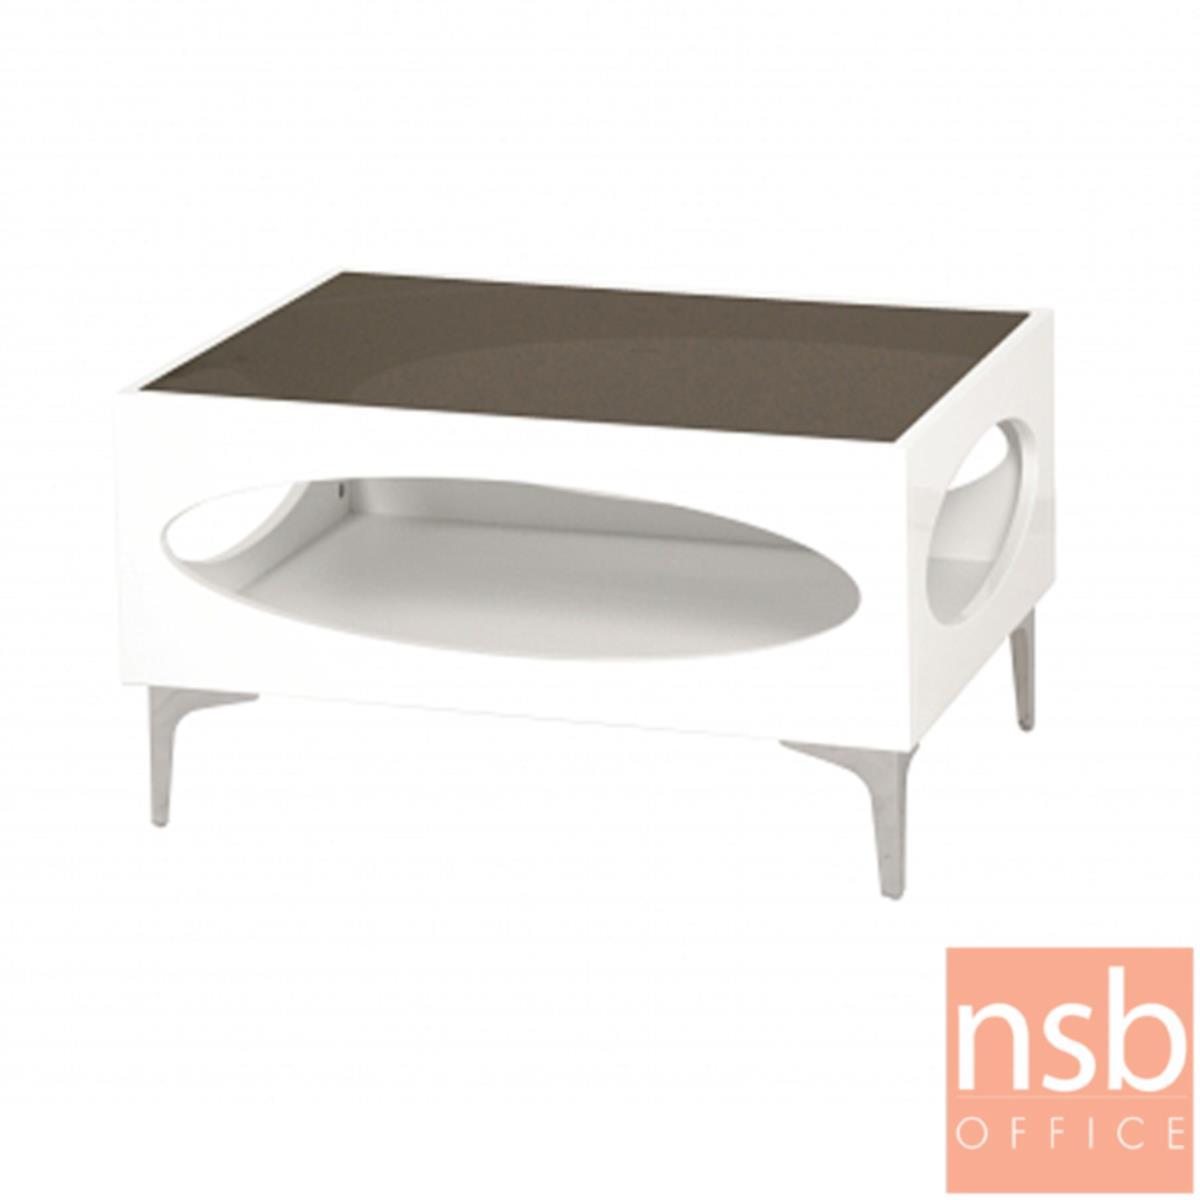 B13A245:โต๊ะกลางโซฟากระจกสีชา  รุ่น GD-POK ขนาด 60W ,90W cm.  โครงไม้พ่นสีขาว ขาเหล็กชุบโครเมี่ยม